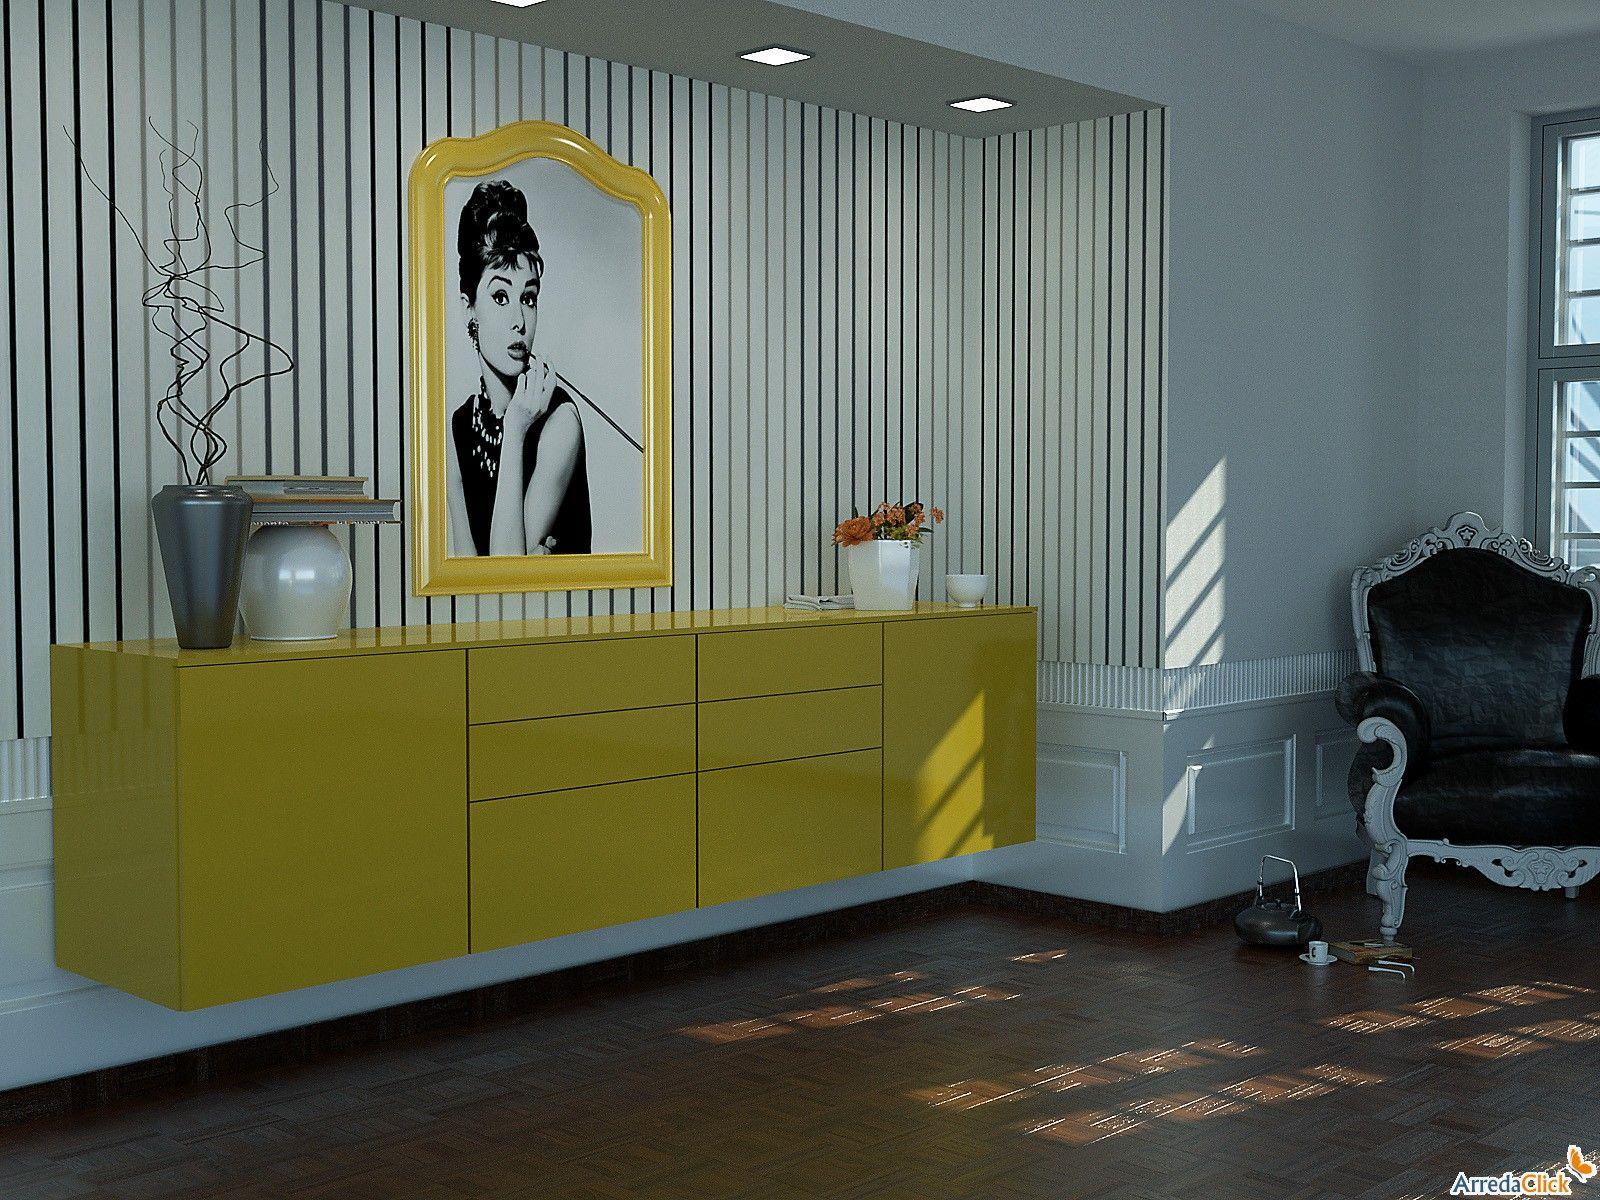 Credenza Sospesa Ikea : Plan credenza sospesa meubles and buffet